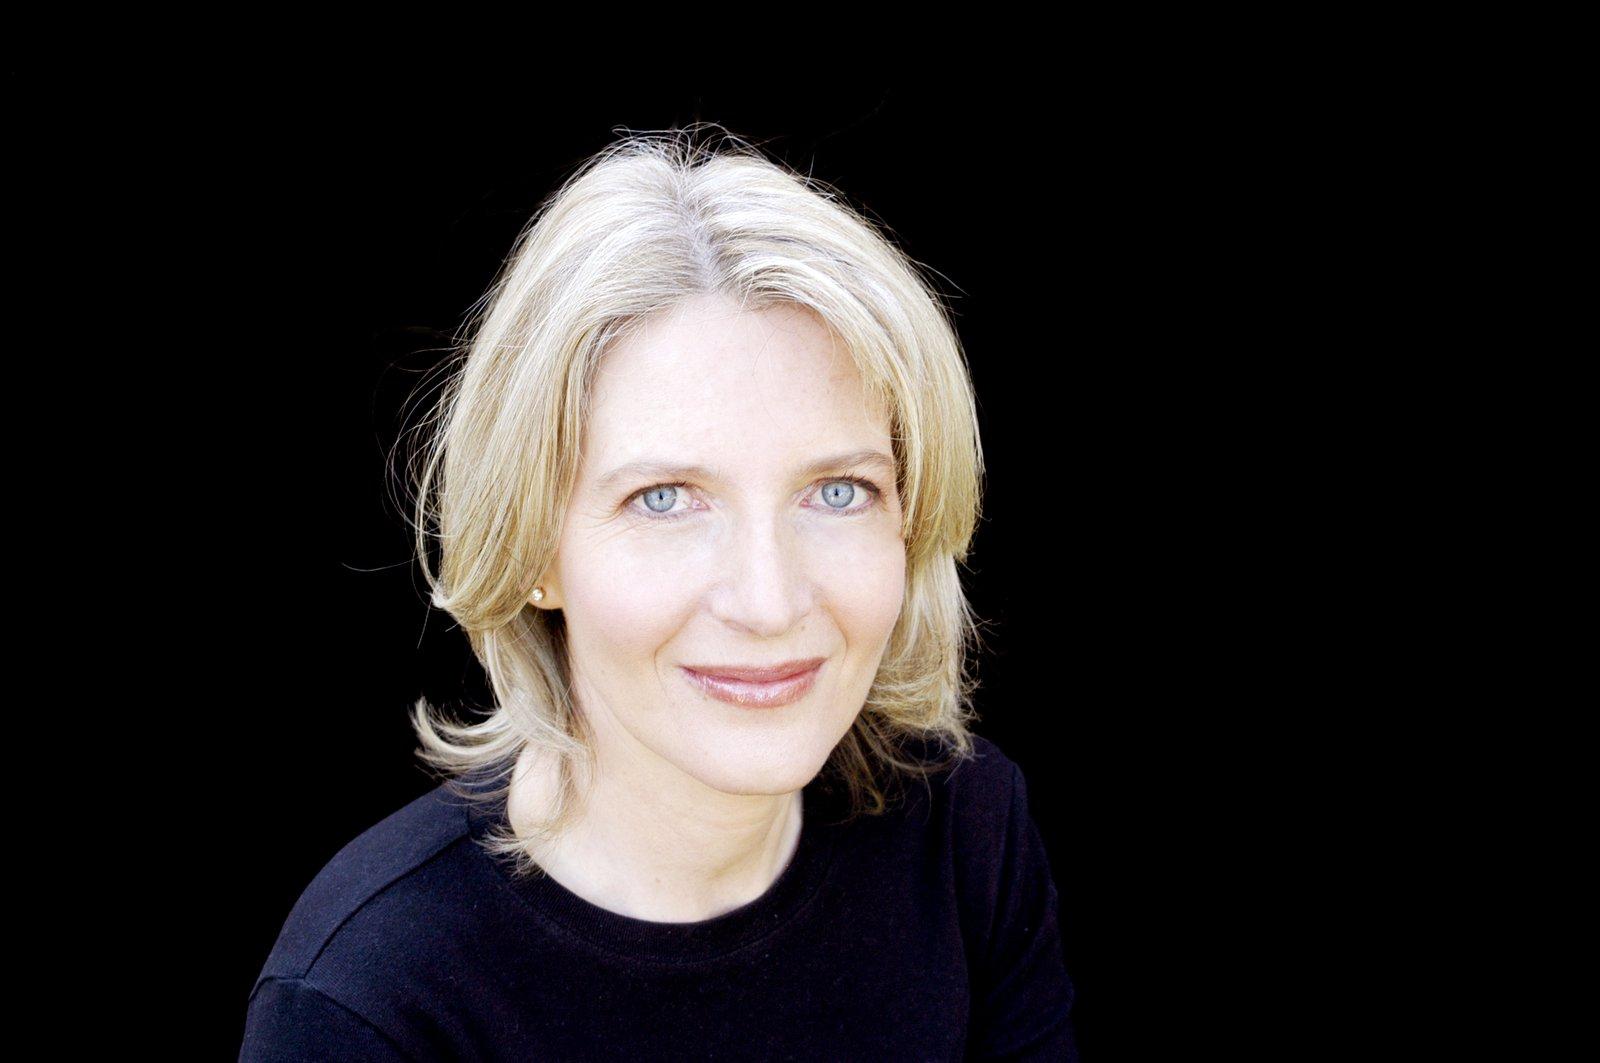 Dr Elizabeth Finkel